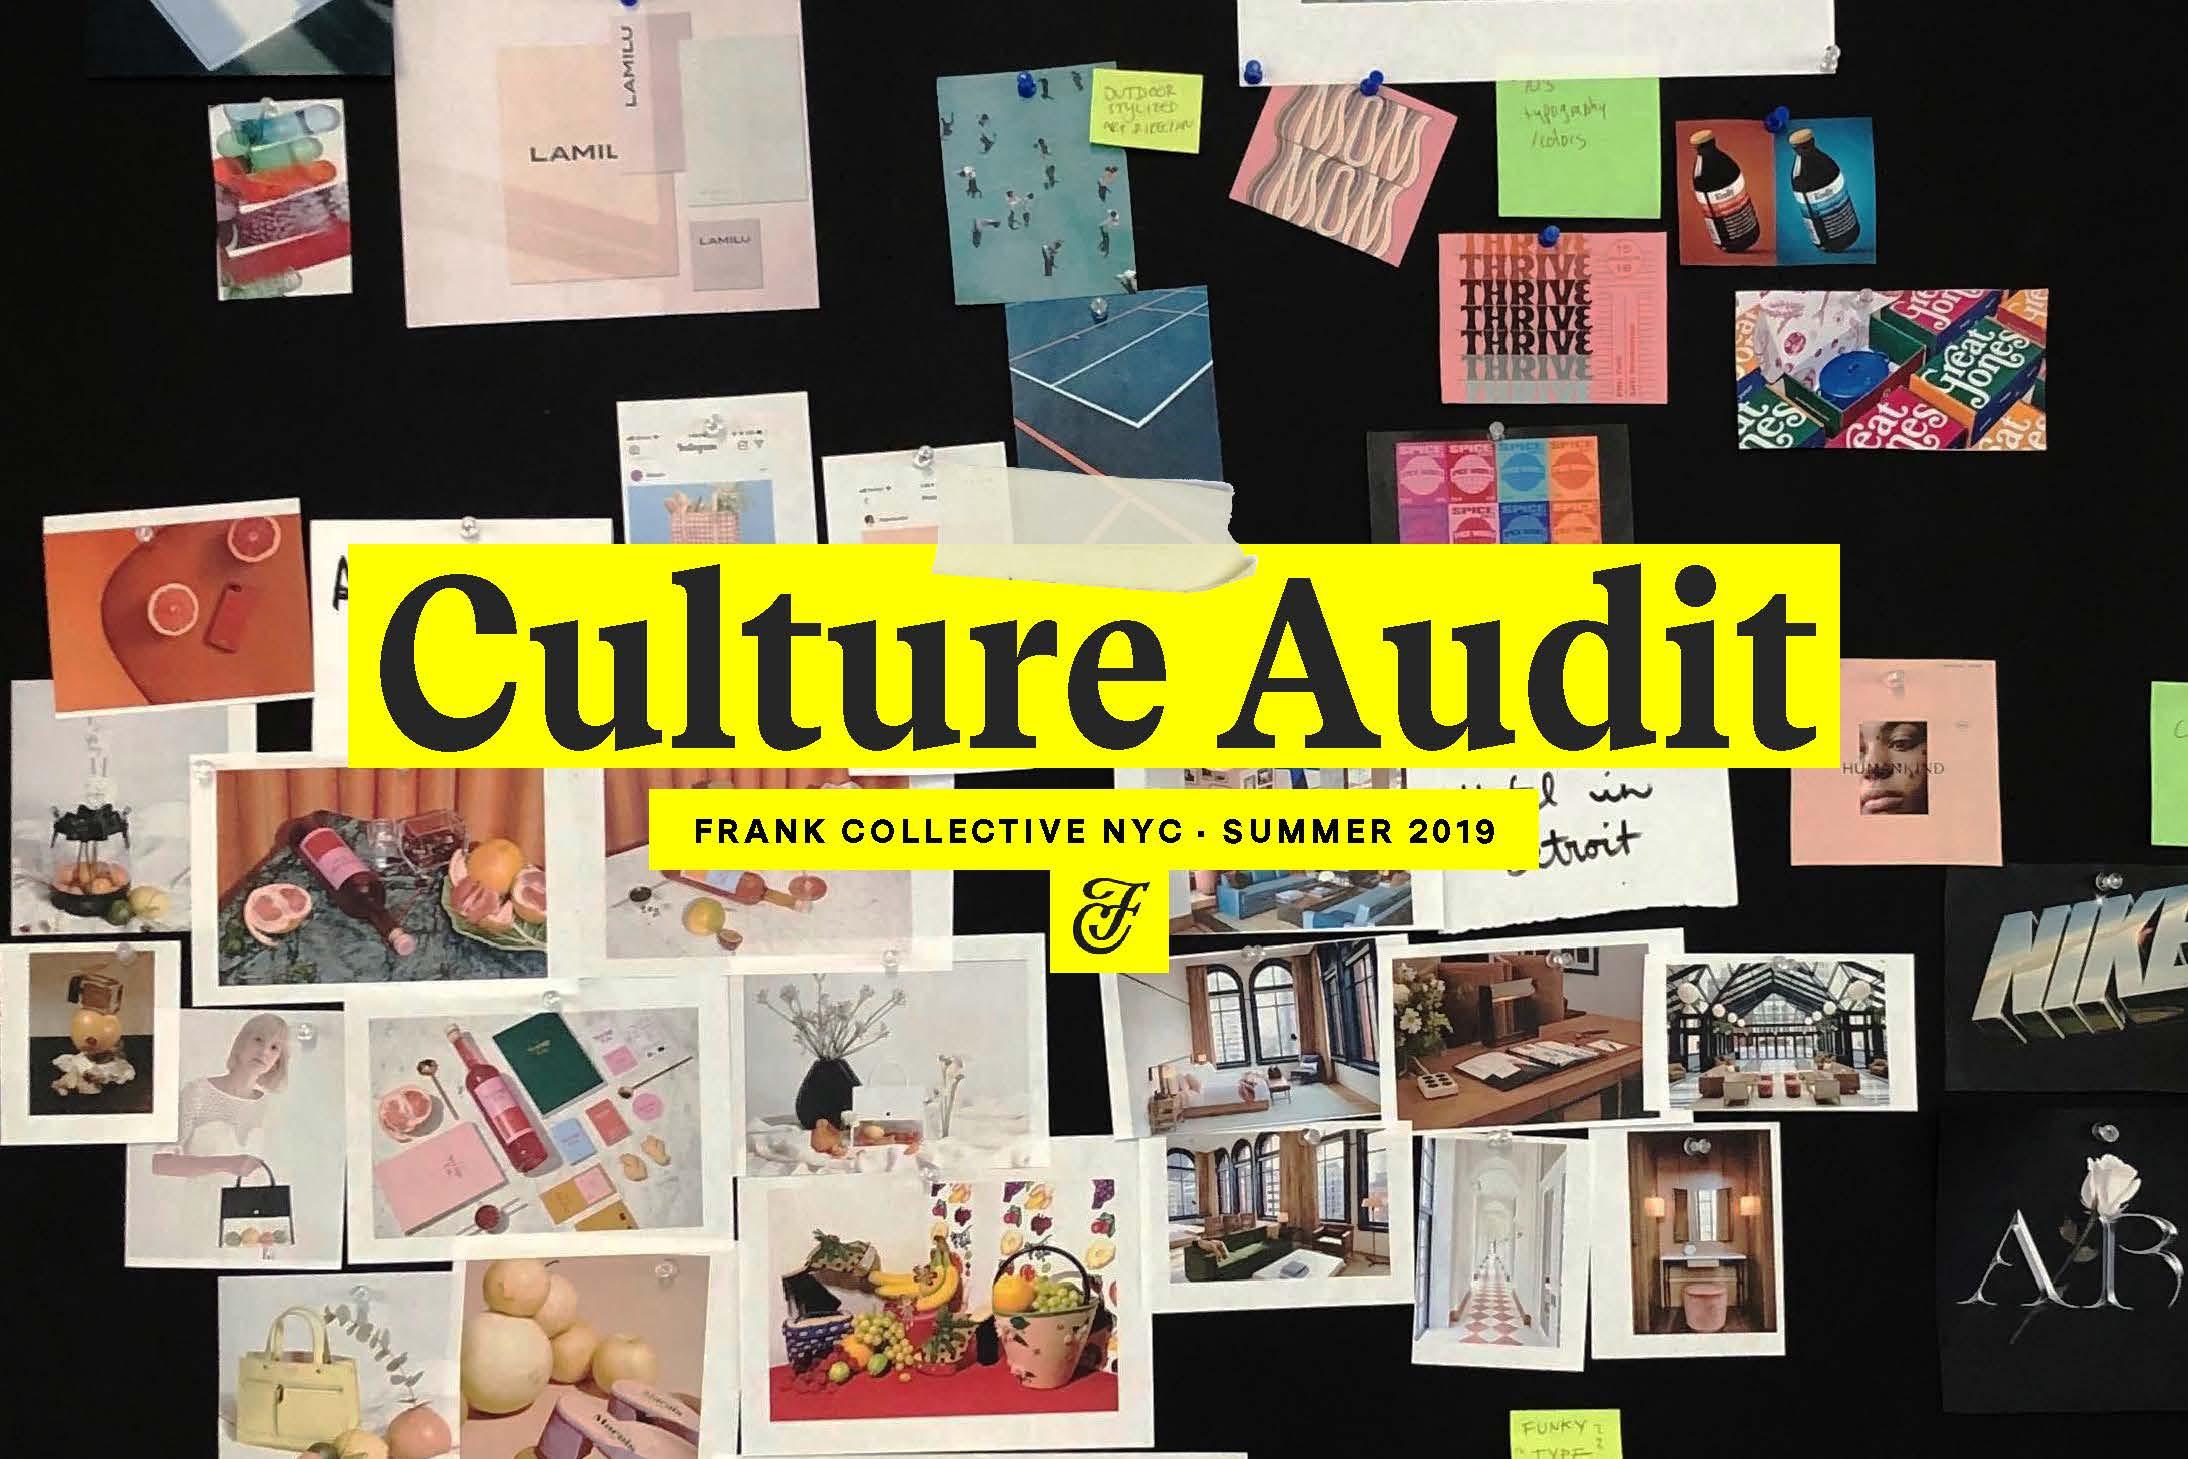 Culture Audit 0815 FINAL_Page_01.jpg